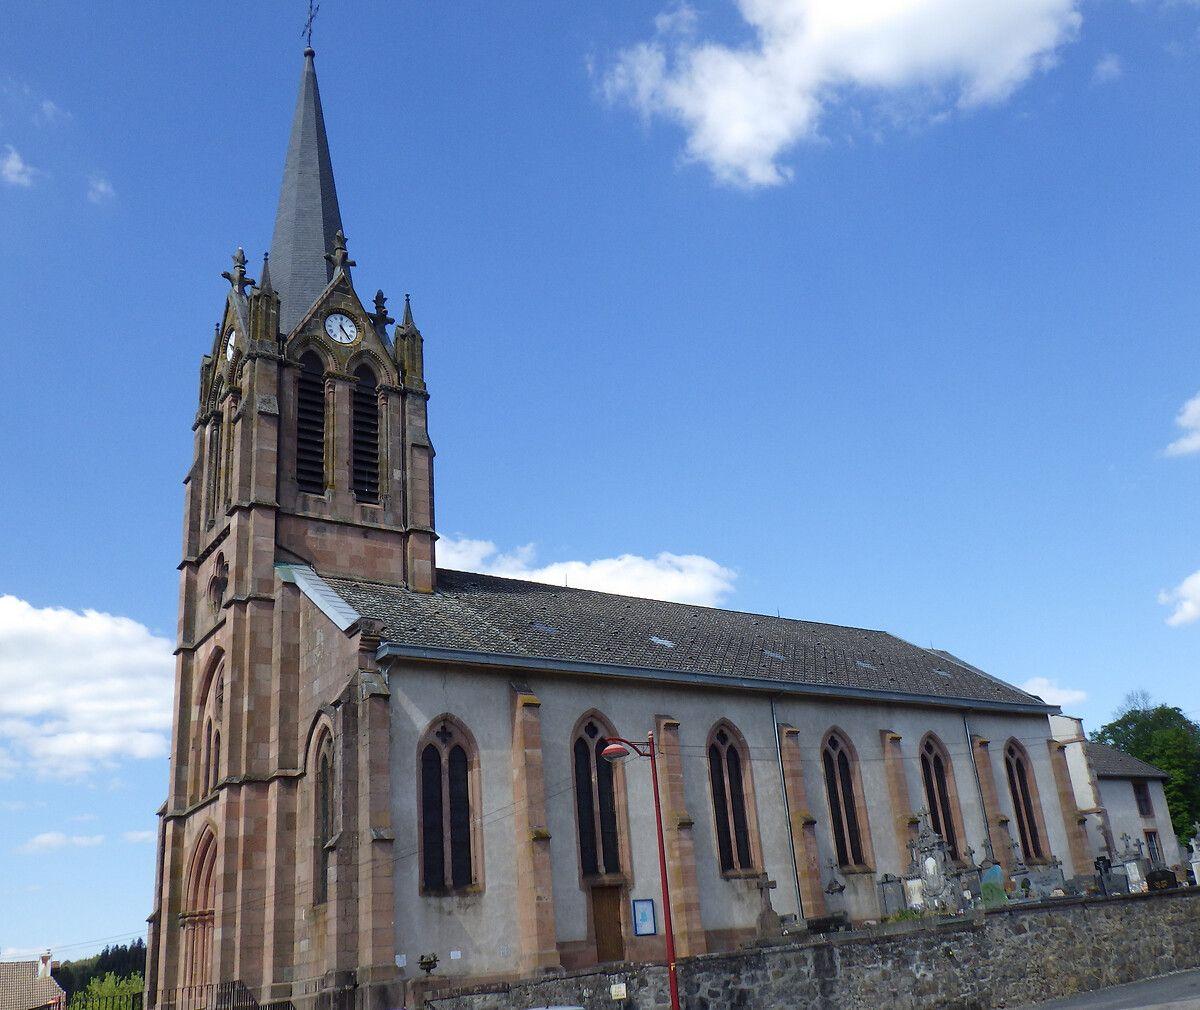 Beffroi de l'église de Ban-de-Laveline dans les Vosges